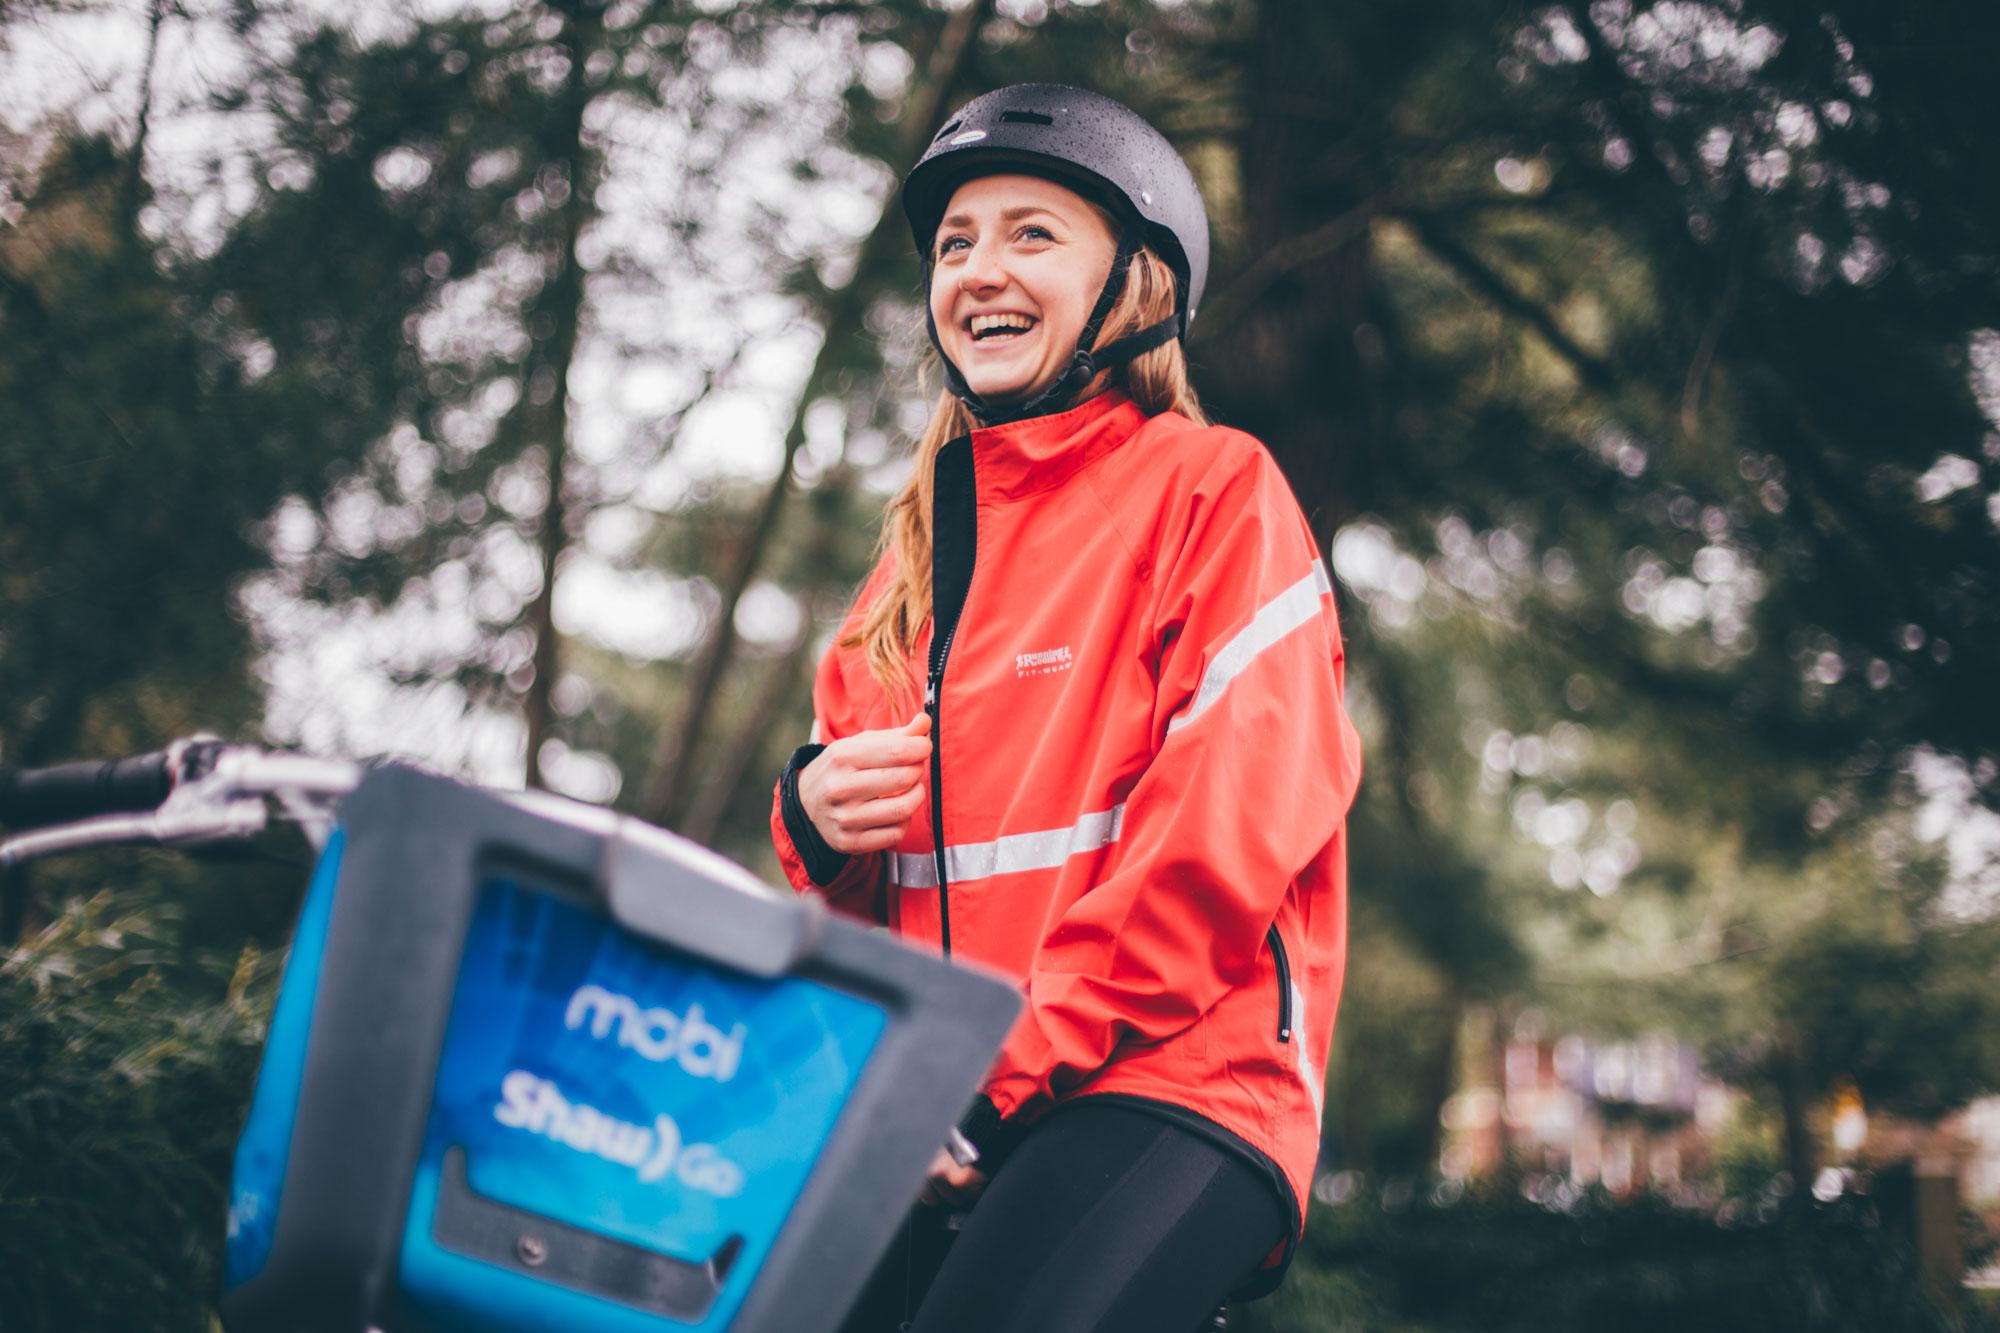 Mobi Bikes x Running Room -